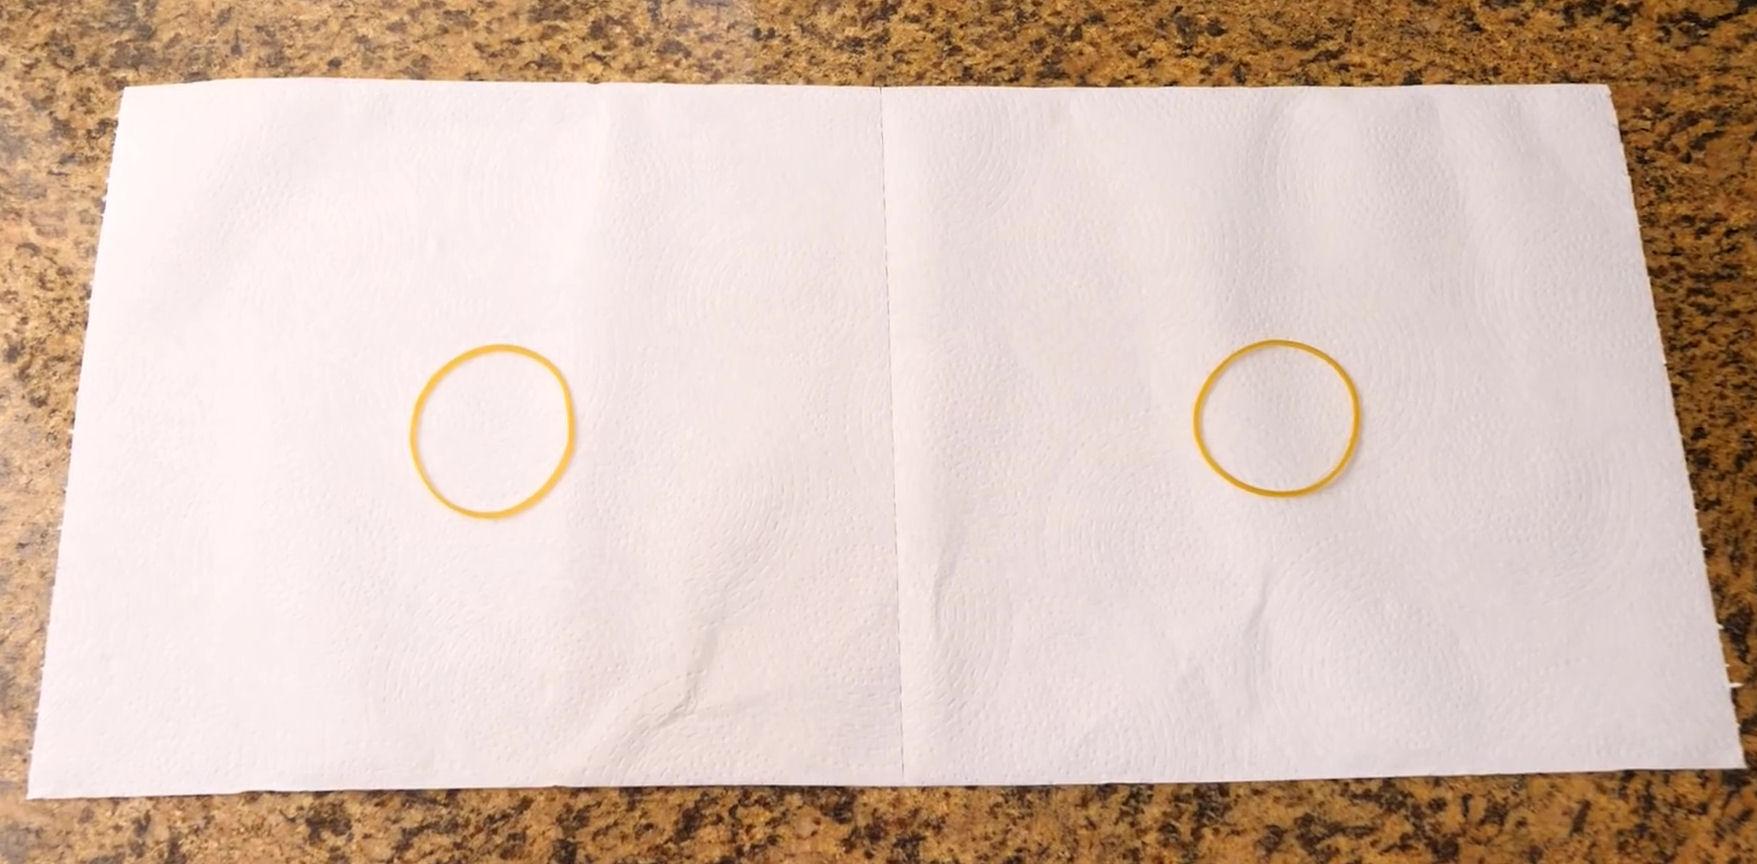 cubrebocas coronavirus papel cocina